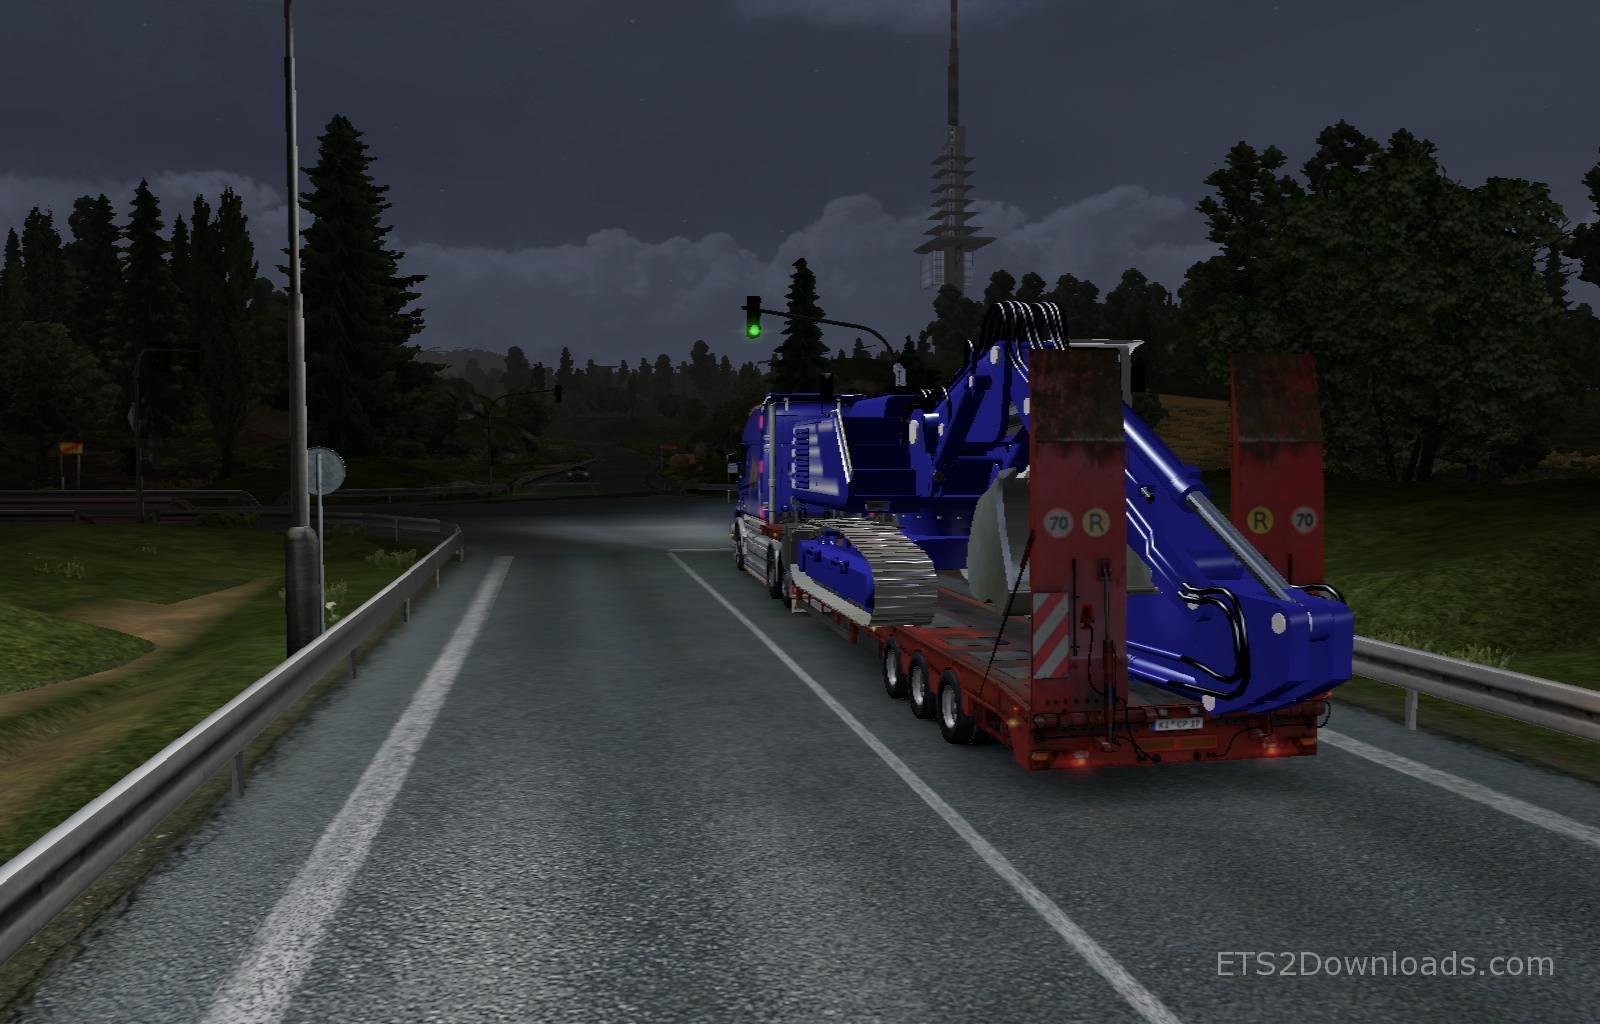 t-van-der-vijver-trailer-and-crane-1